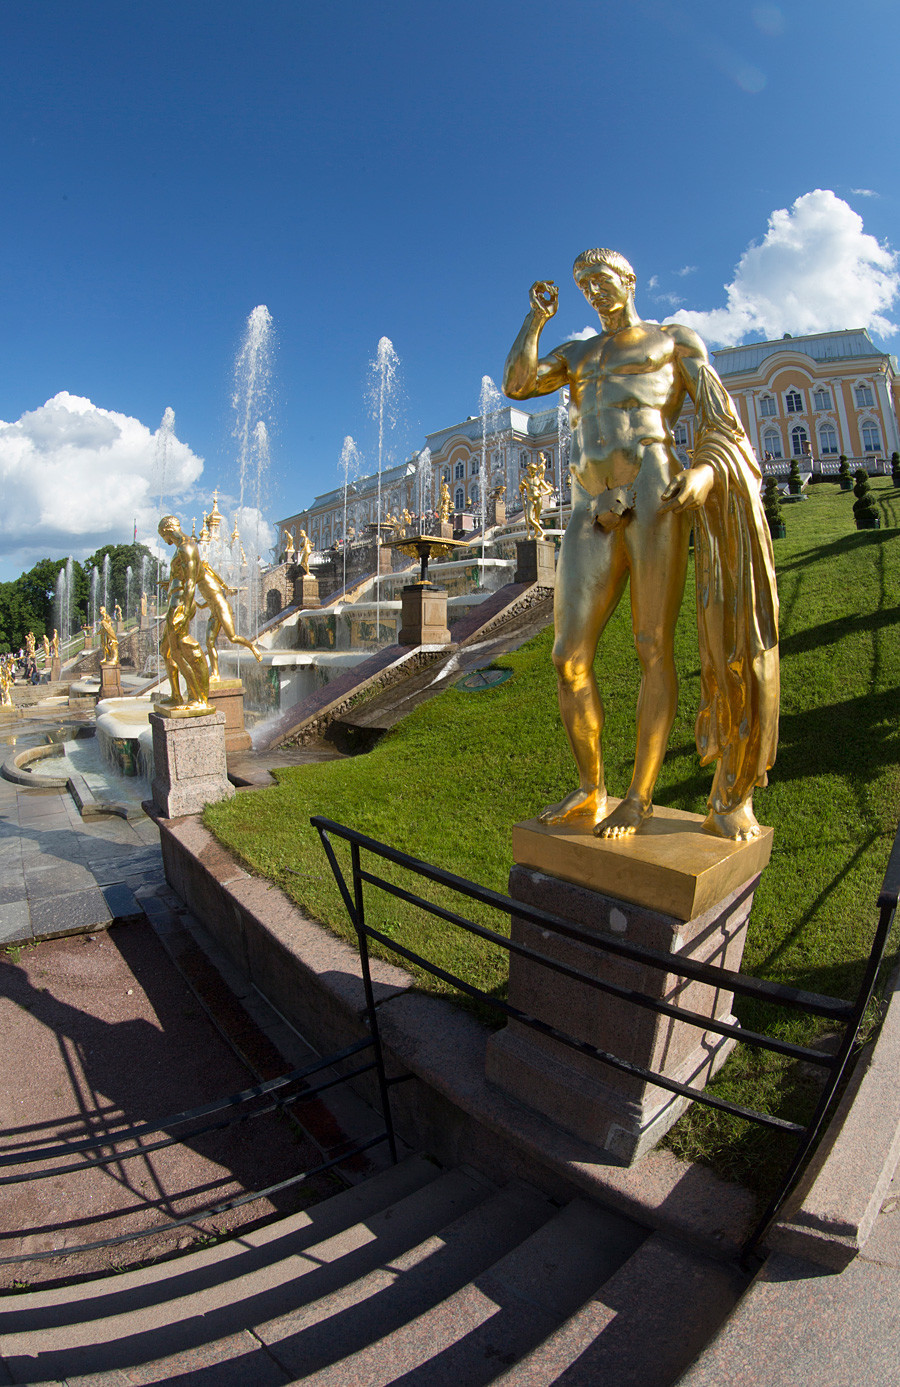 Estatuas doradas y fuentes en el parque Petrodvorets de San Petersburgo.